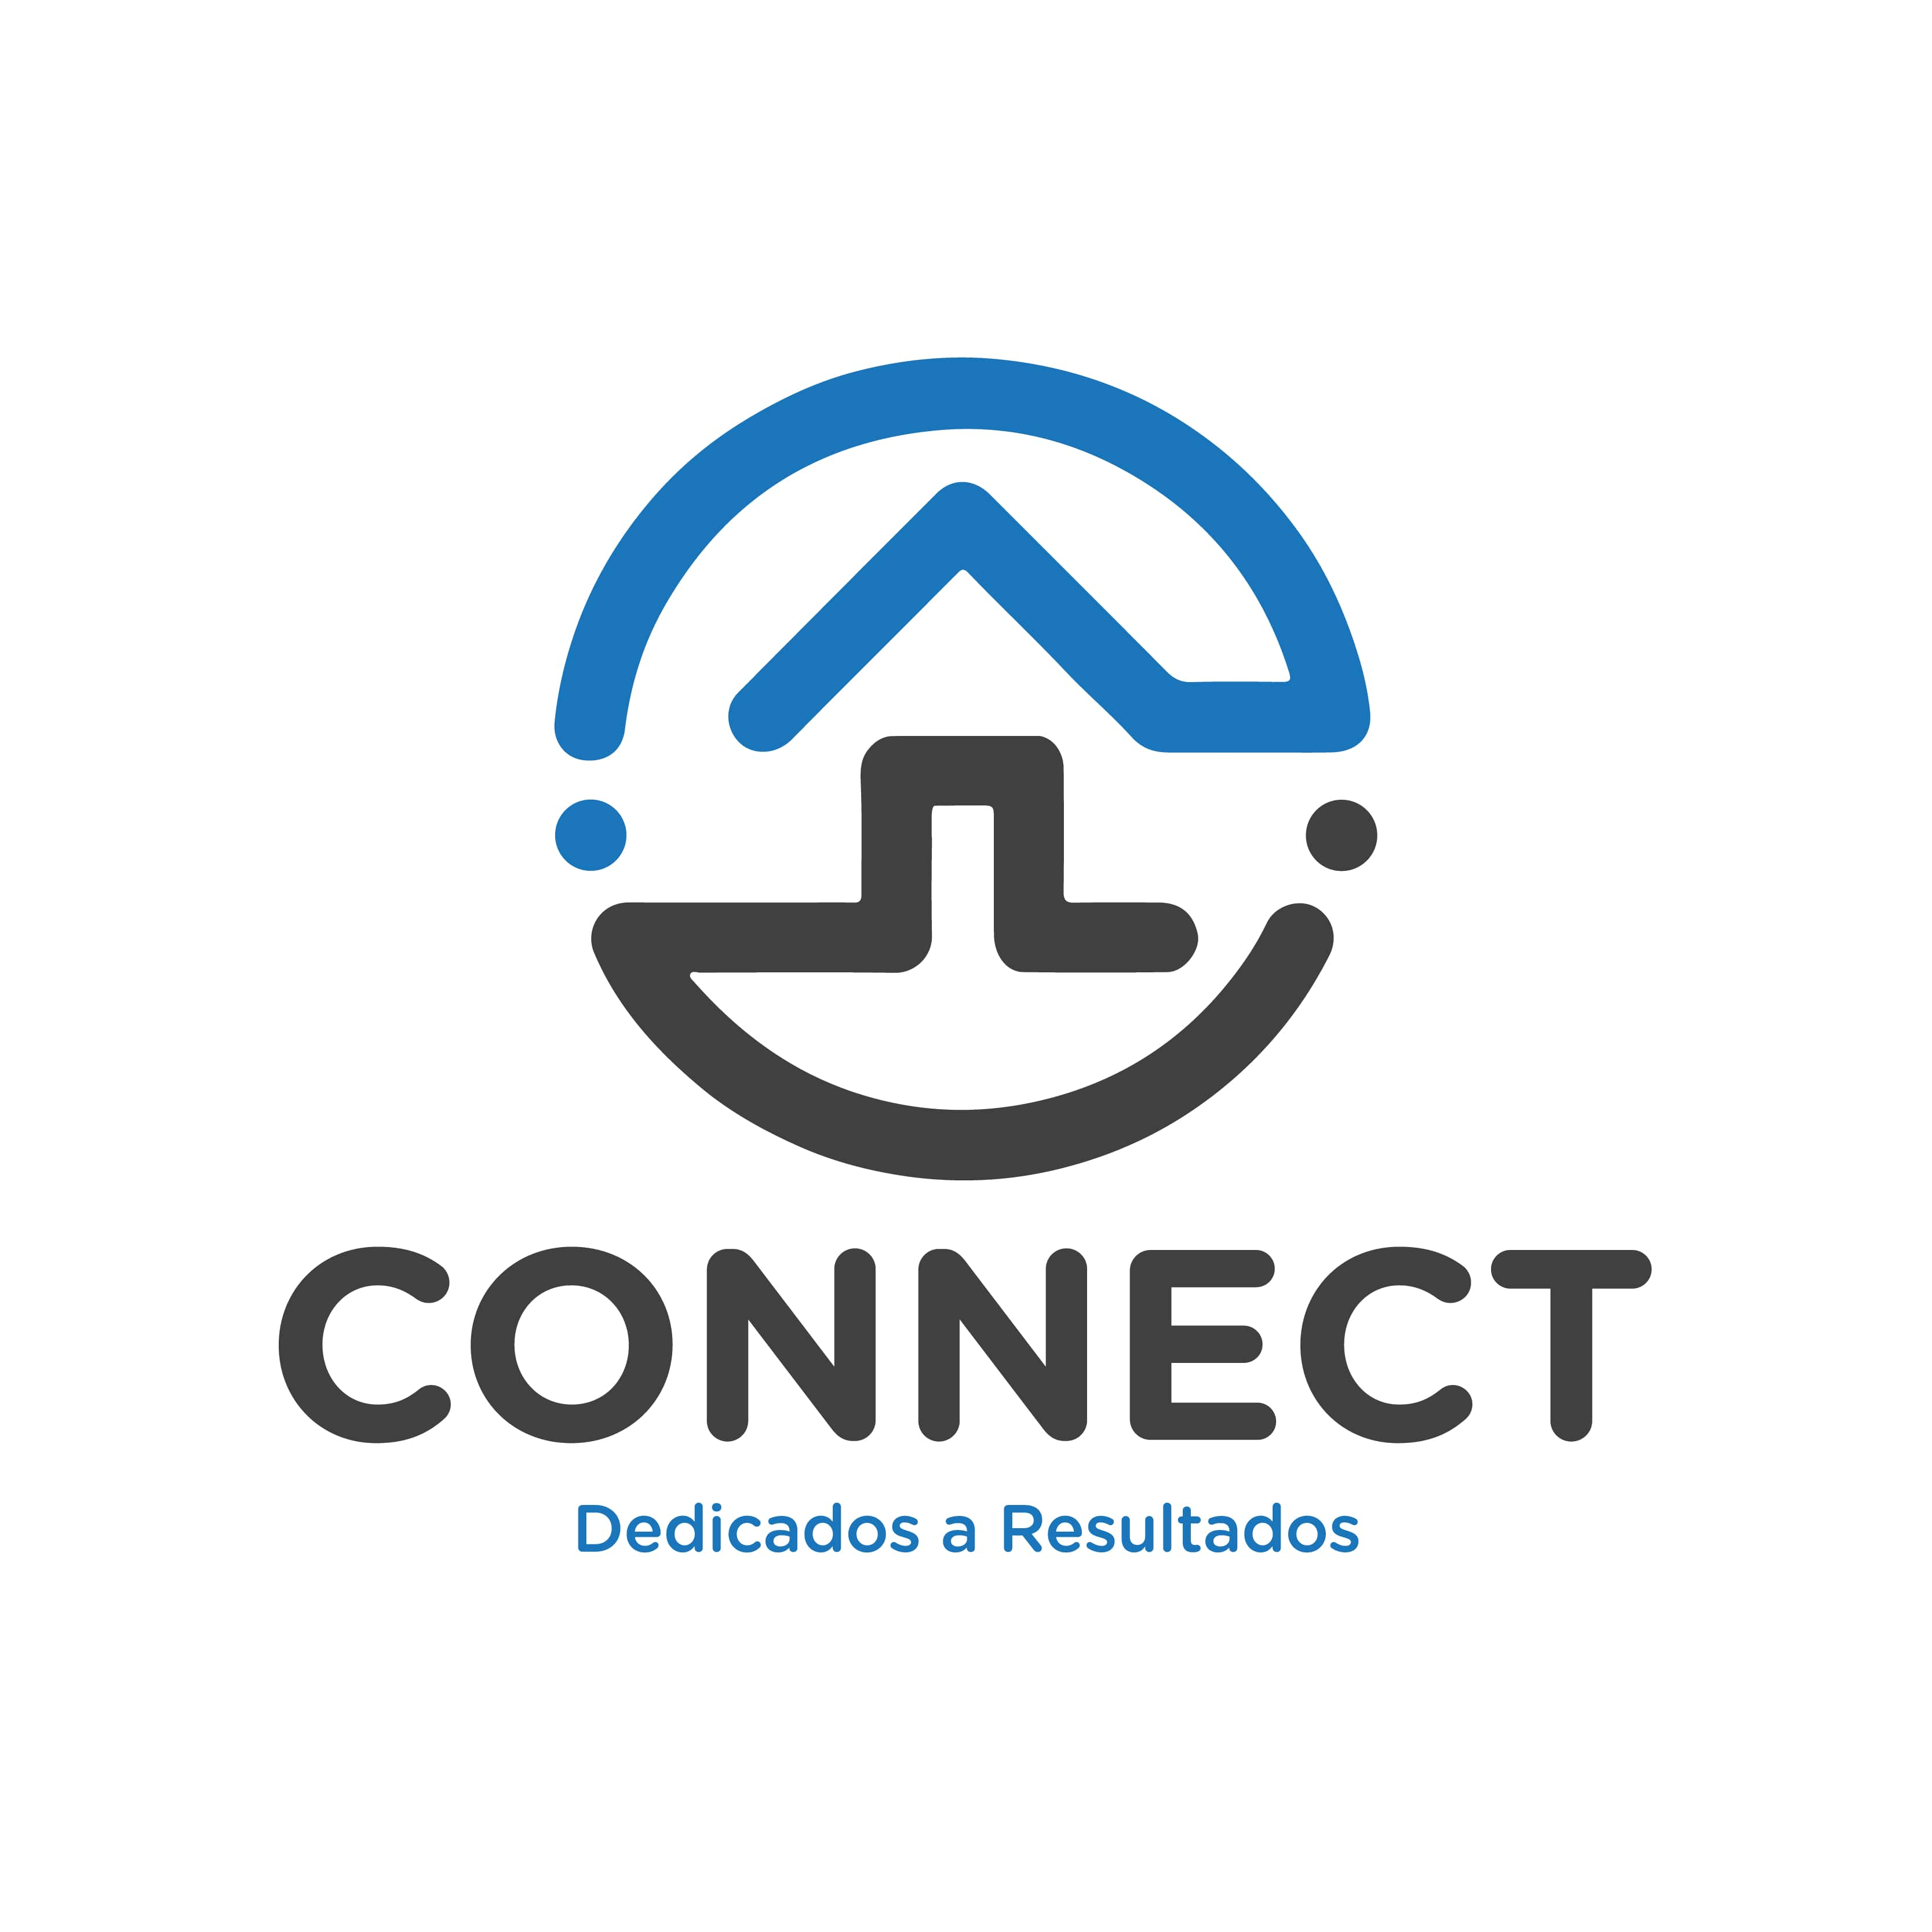 Logo de  Connect Grupo Inmobiliario    (crm-5268-134)